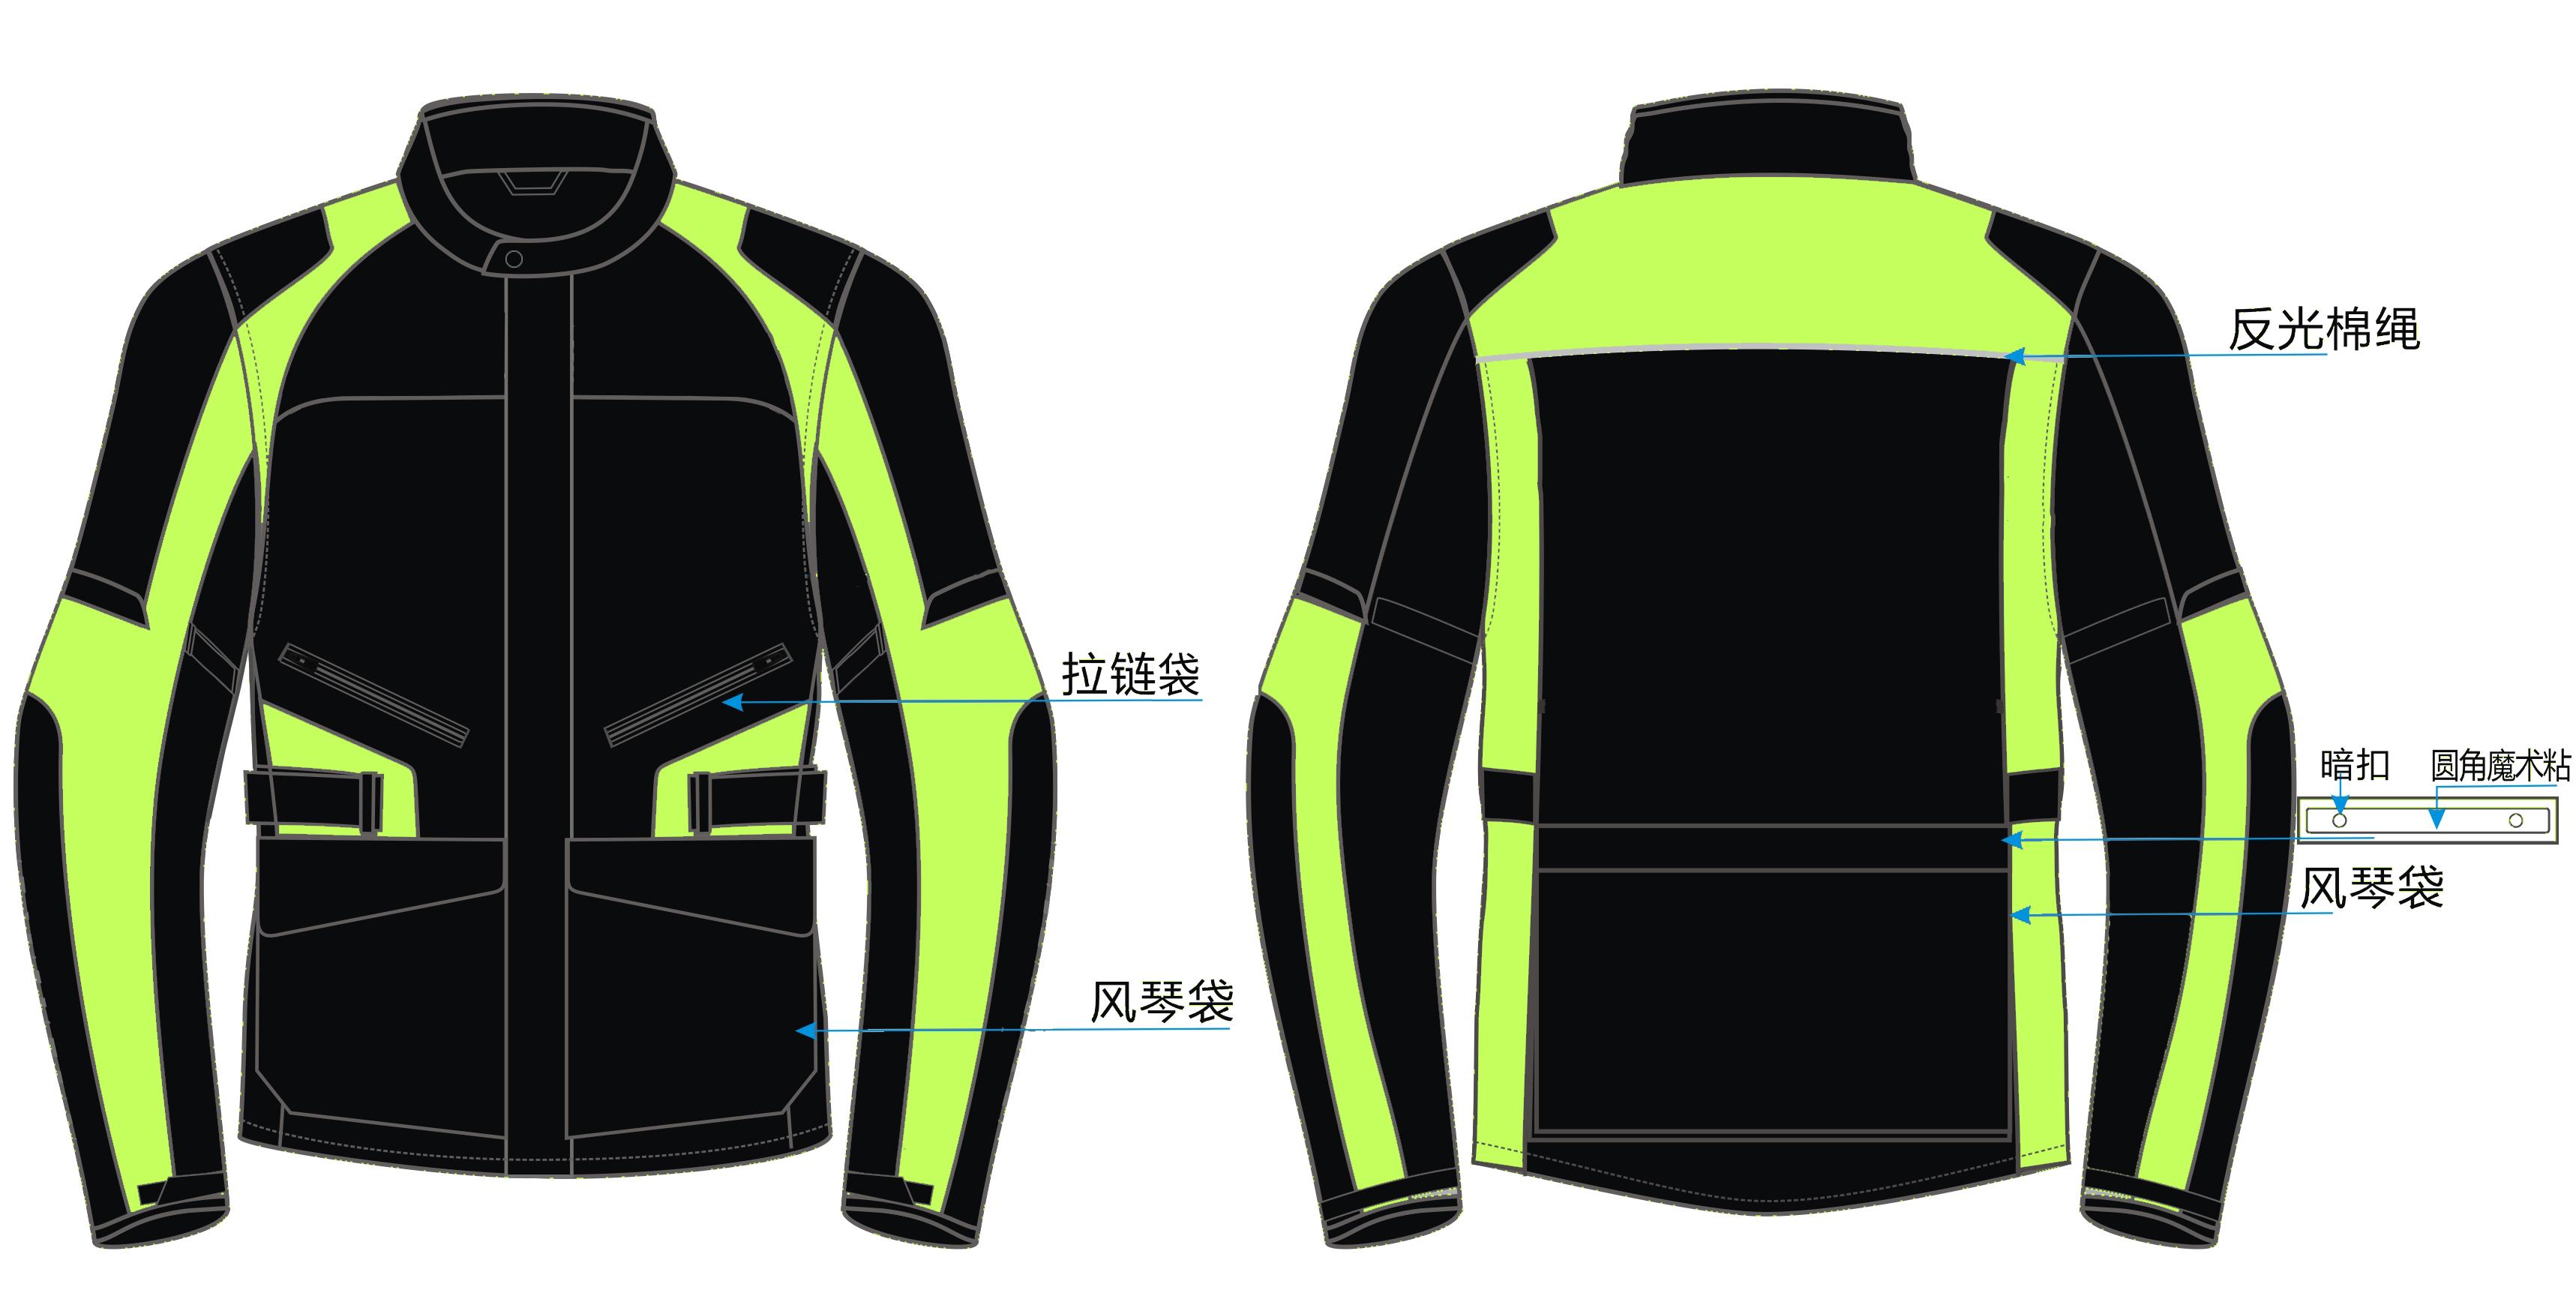 摩托骑行服骑行马甲厂家定做可设计款式